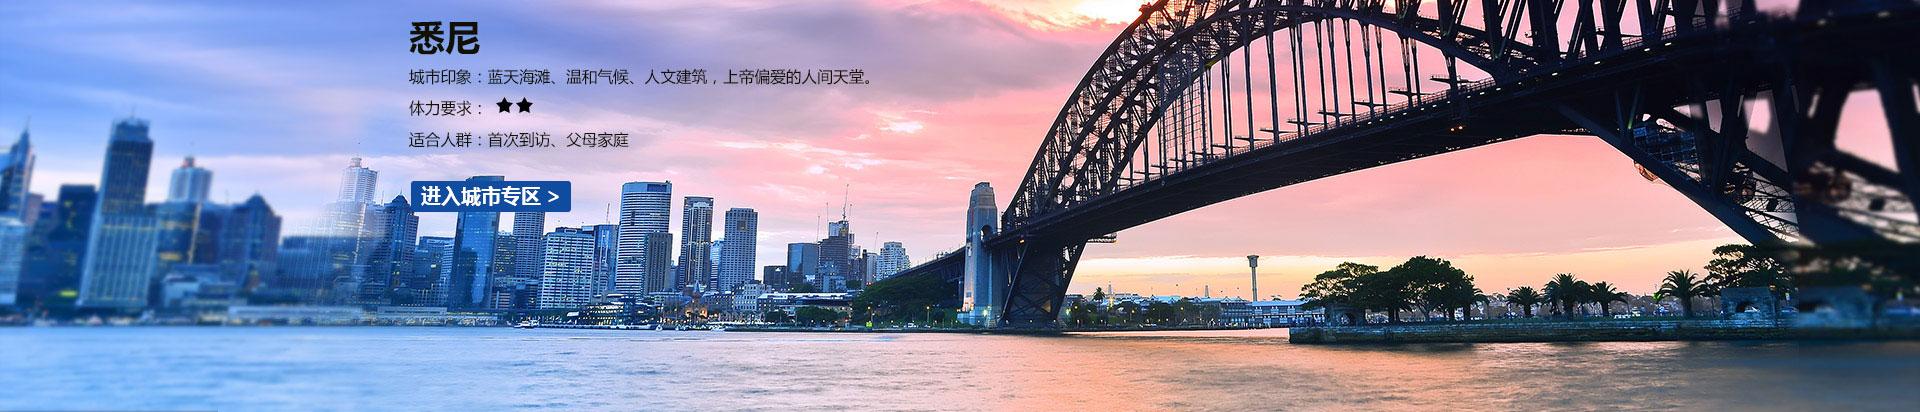 澳洲风景banner